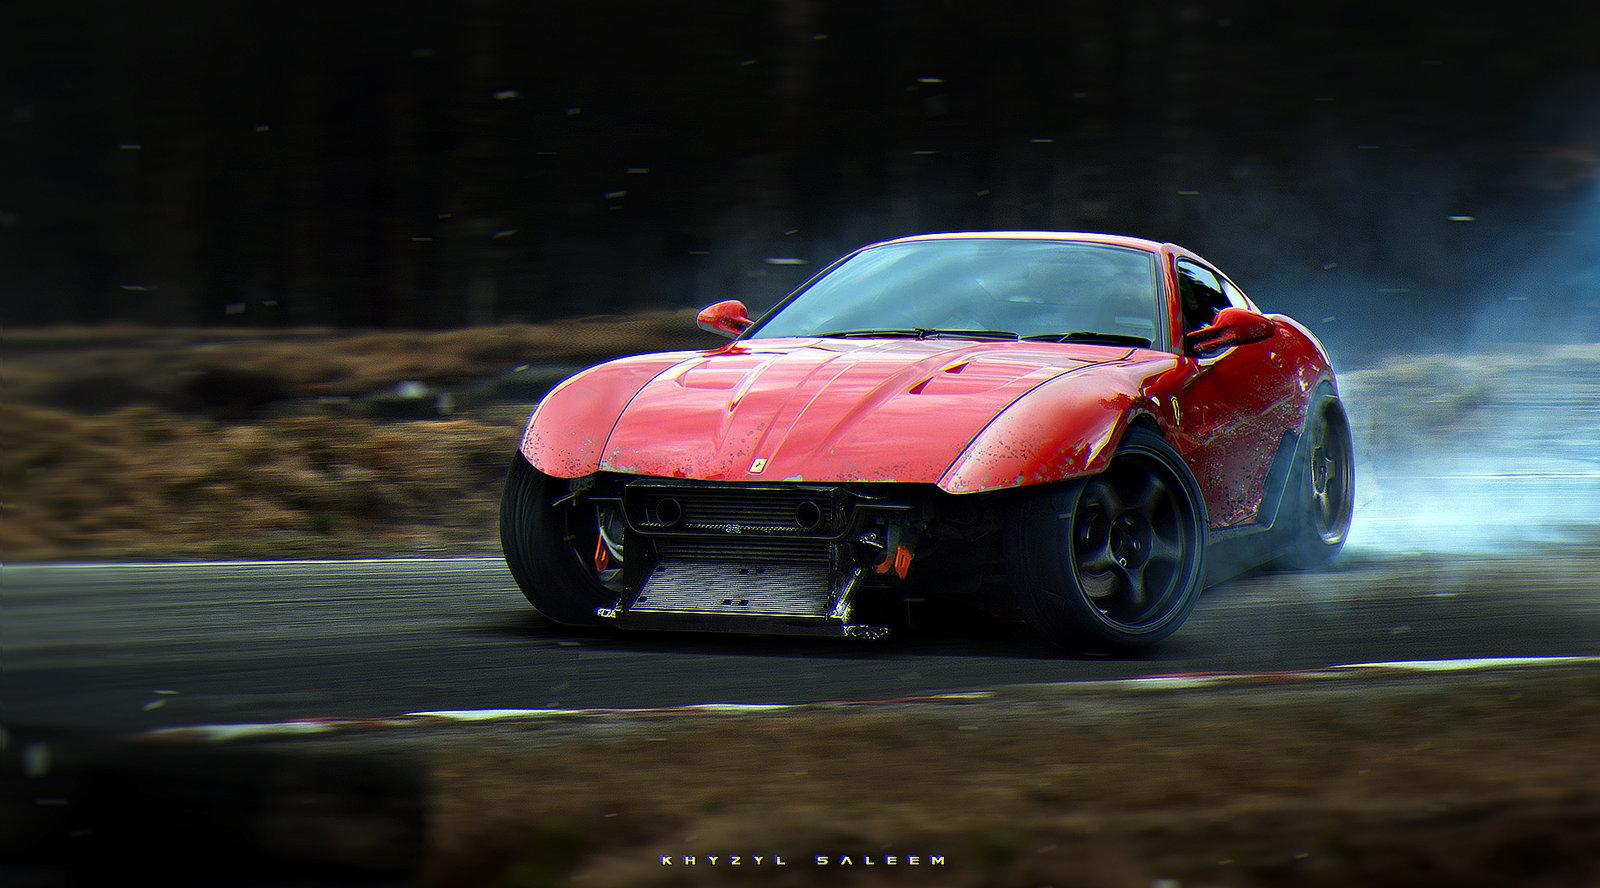 Missile Ferrari 599